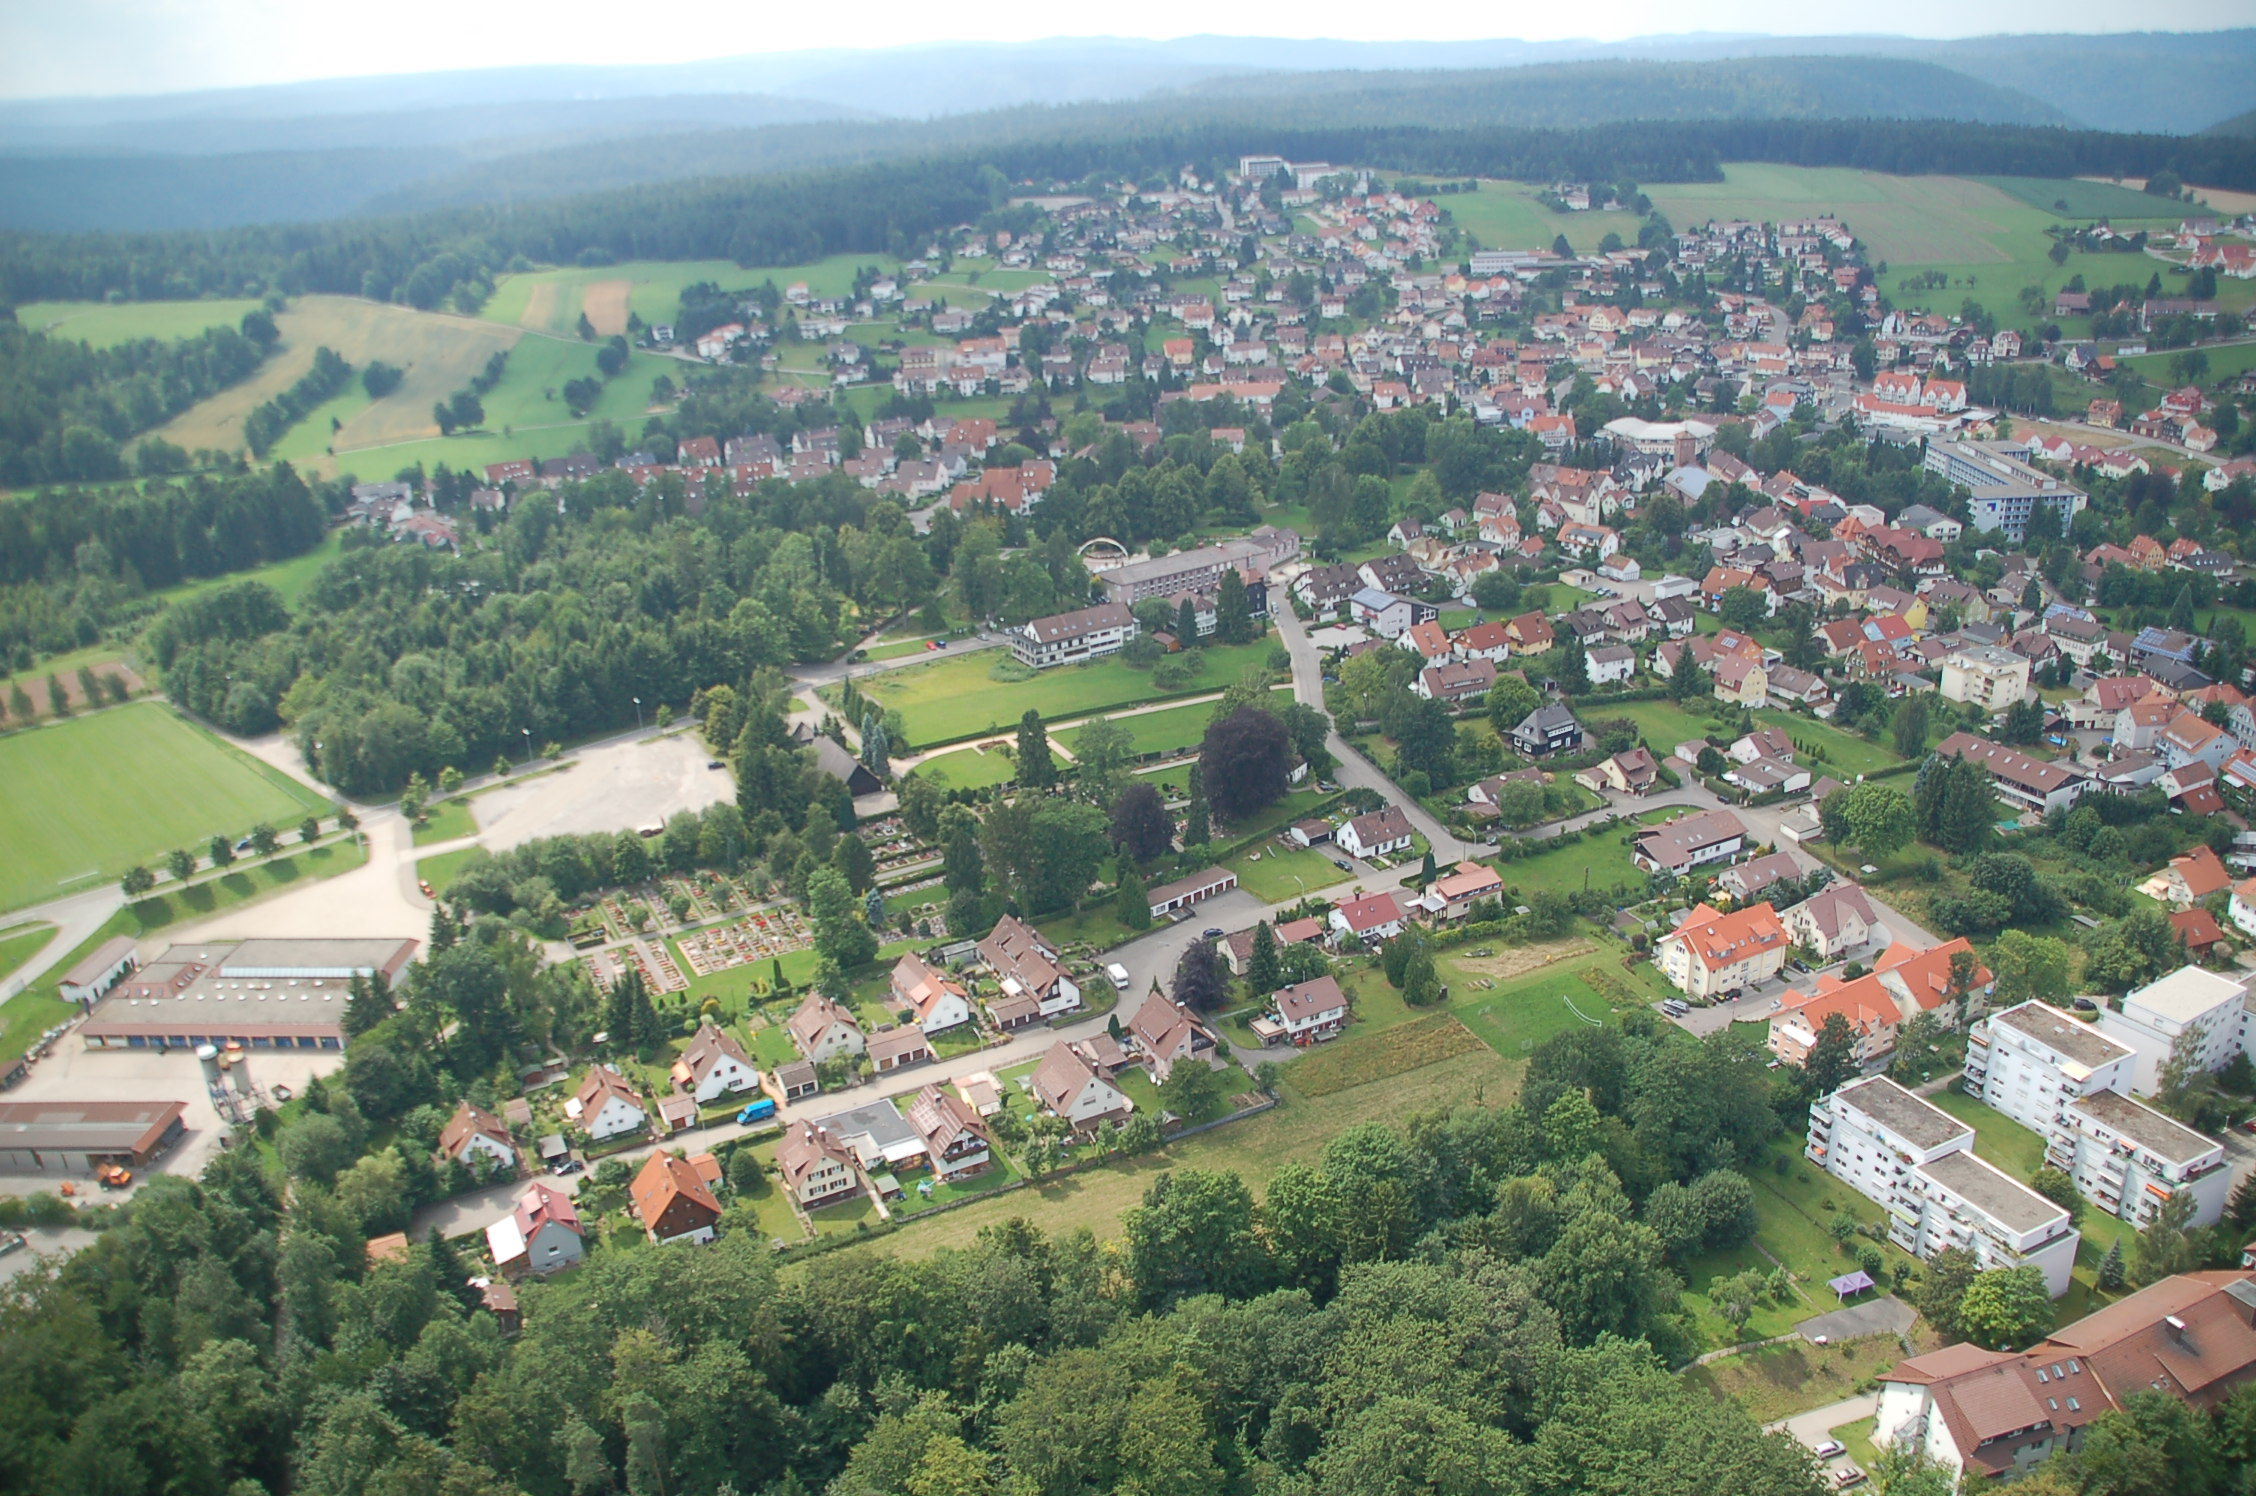 Schömberg (Landkreis Calw)